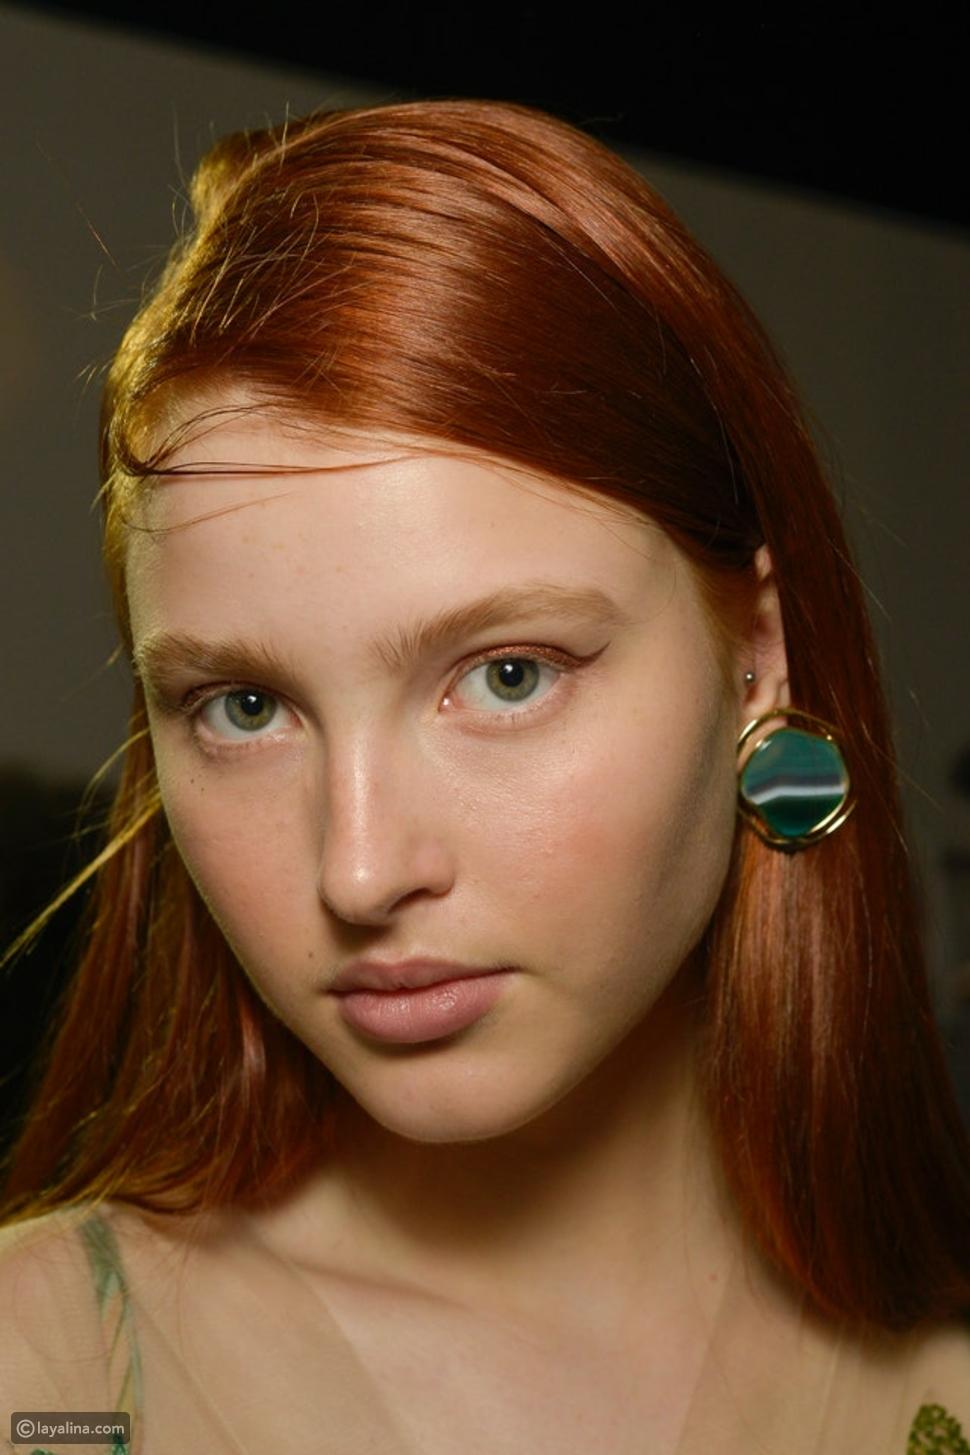 كيف تحافظين على لون شعرك بعد صبغه؟